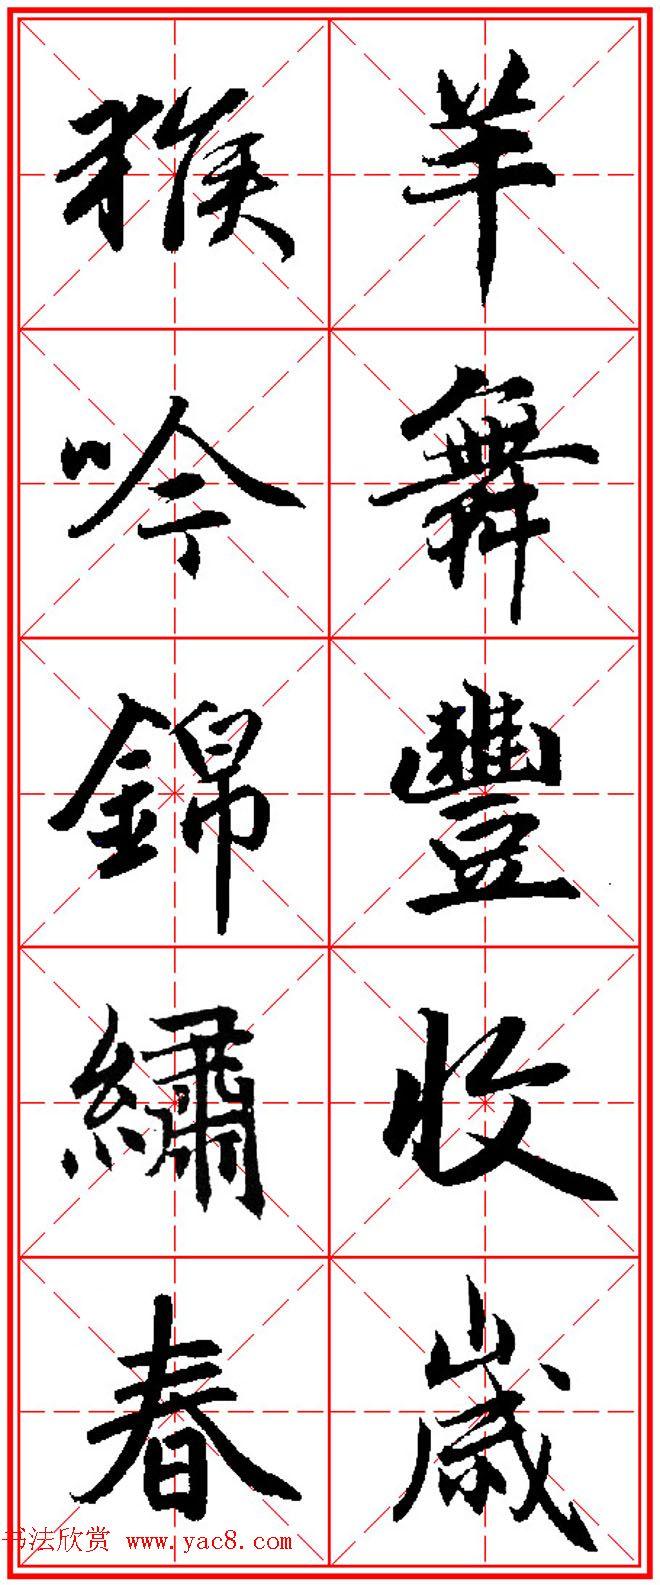 猴年春联书法欣赏 集赵孟頫行书字体五言对联 第5页 书法专题 书法欣赏图片